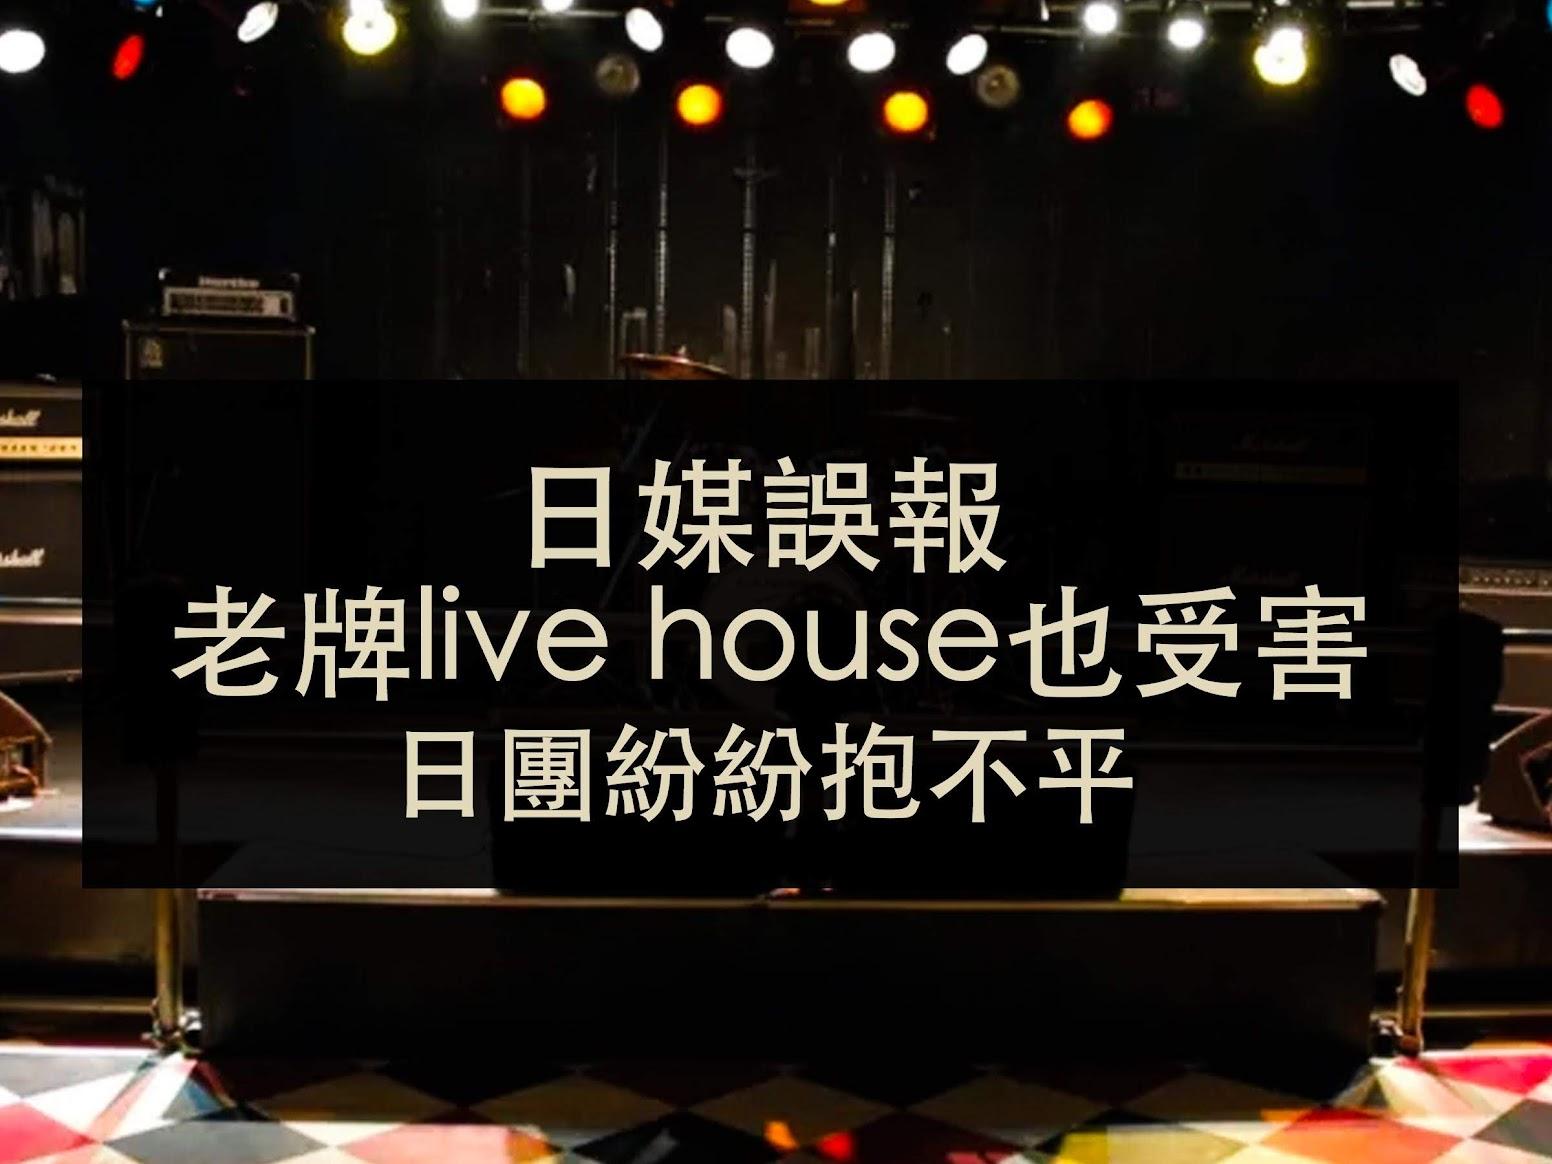 日媒誤報 老牌live house也受害 日團紛紛抱不平